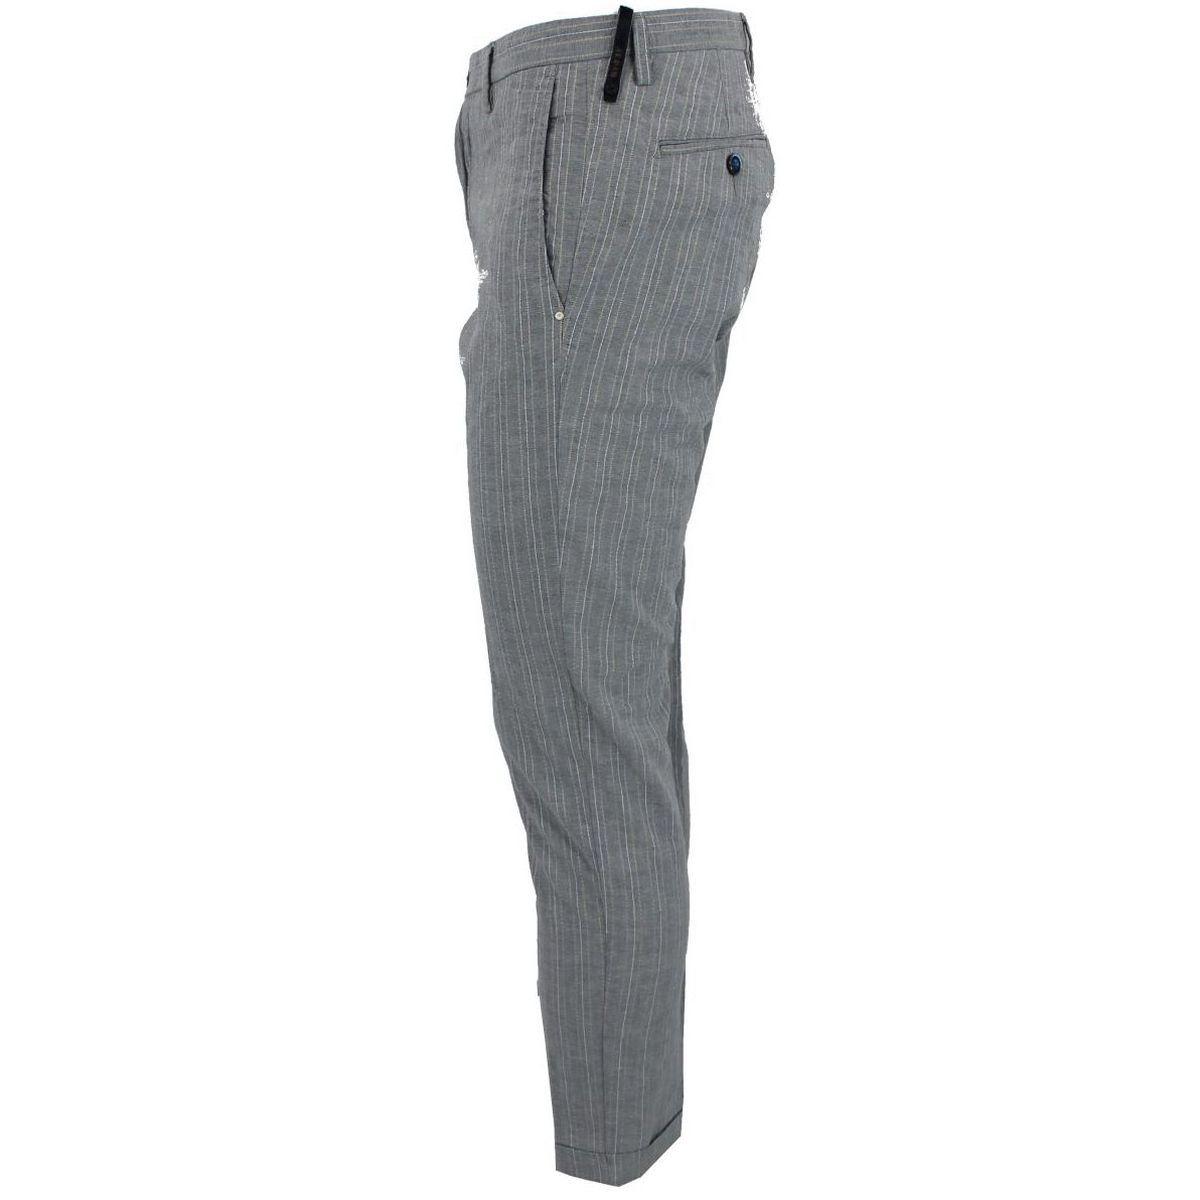 Pantalone in cotone rigato Grigio At.p.co